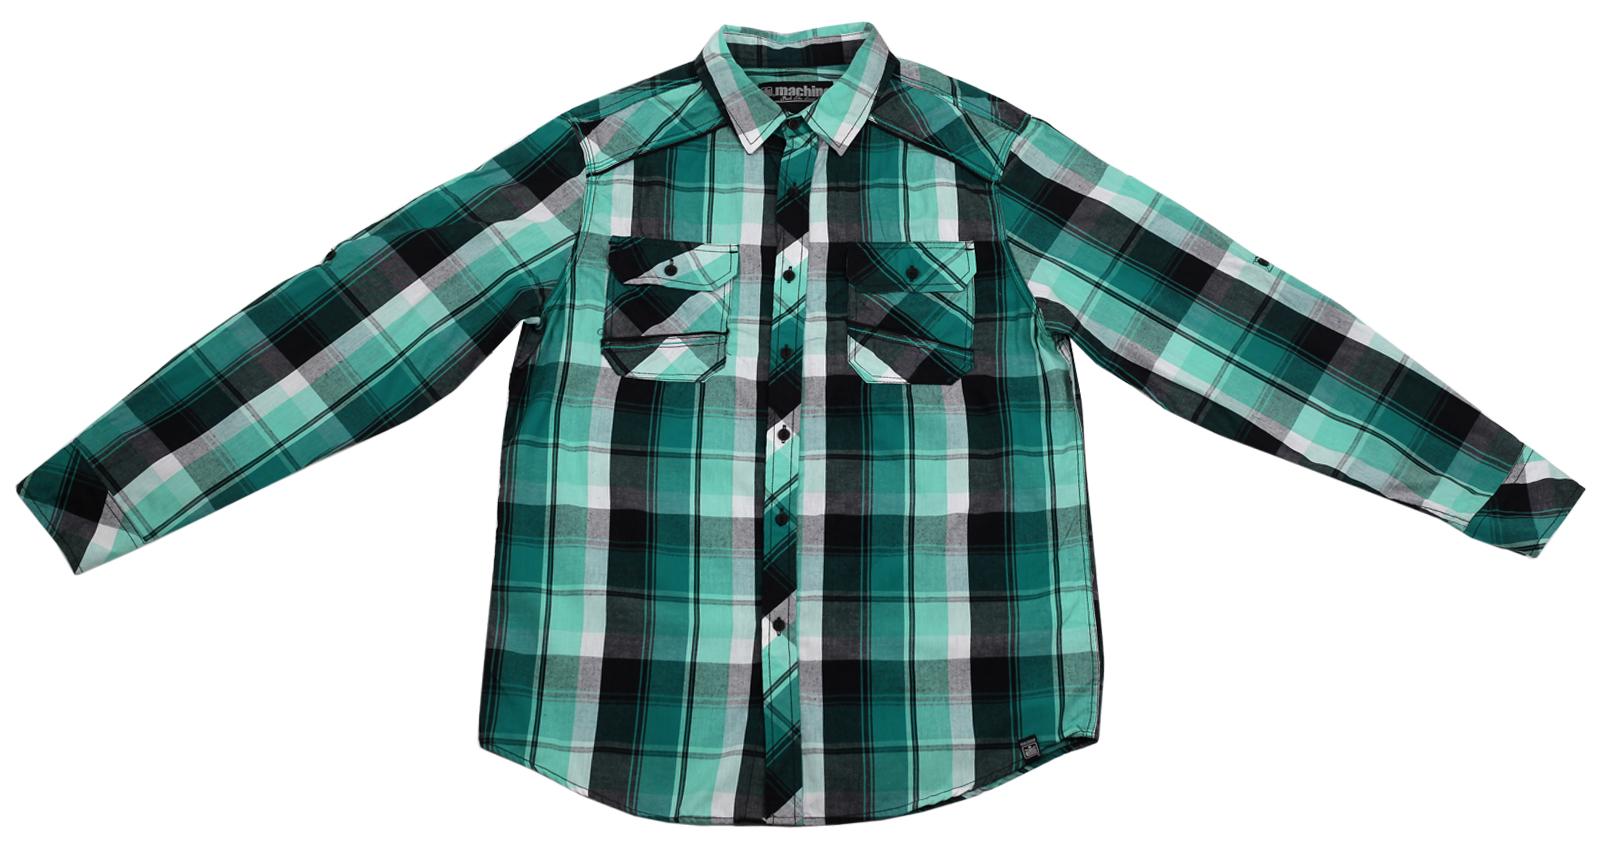 Мужская рубашка в клетку Machine. 100% хлопок